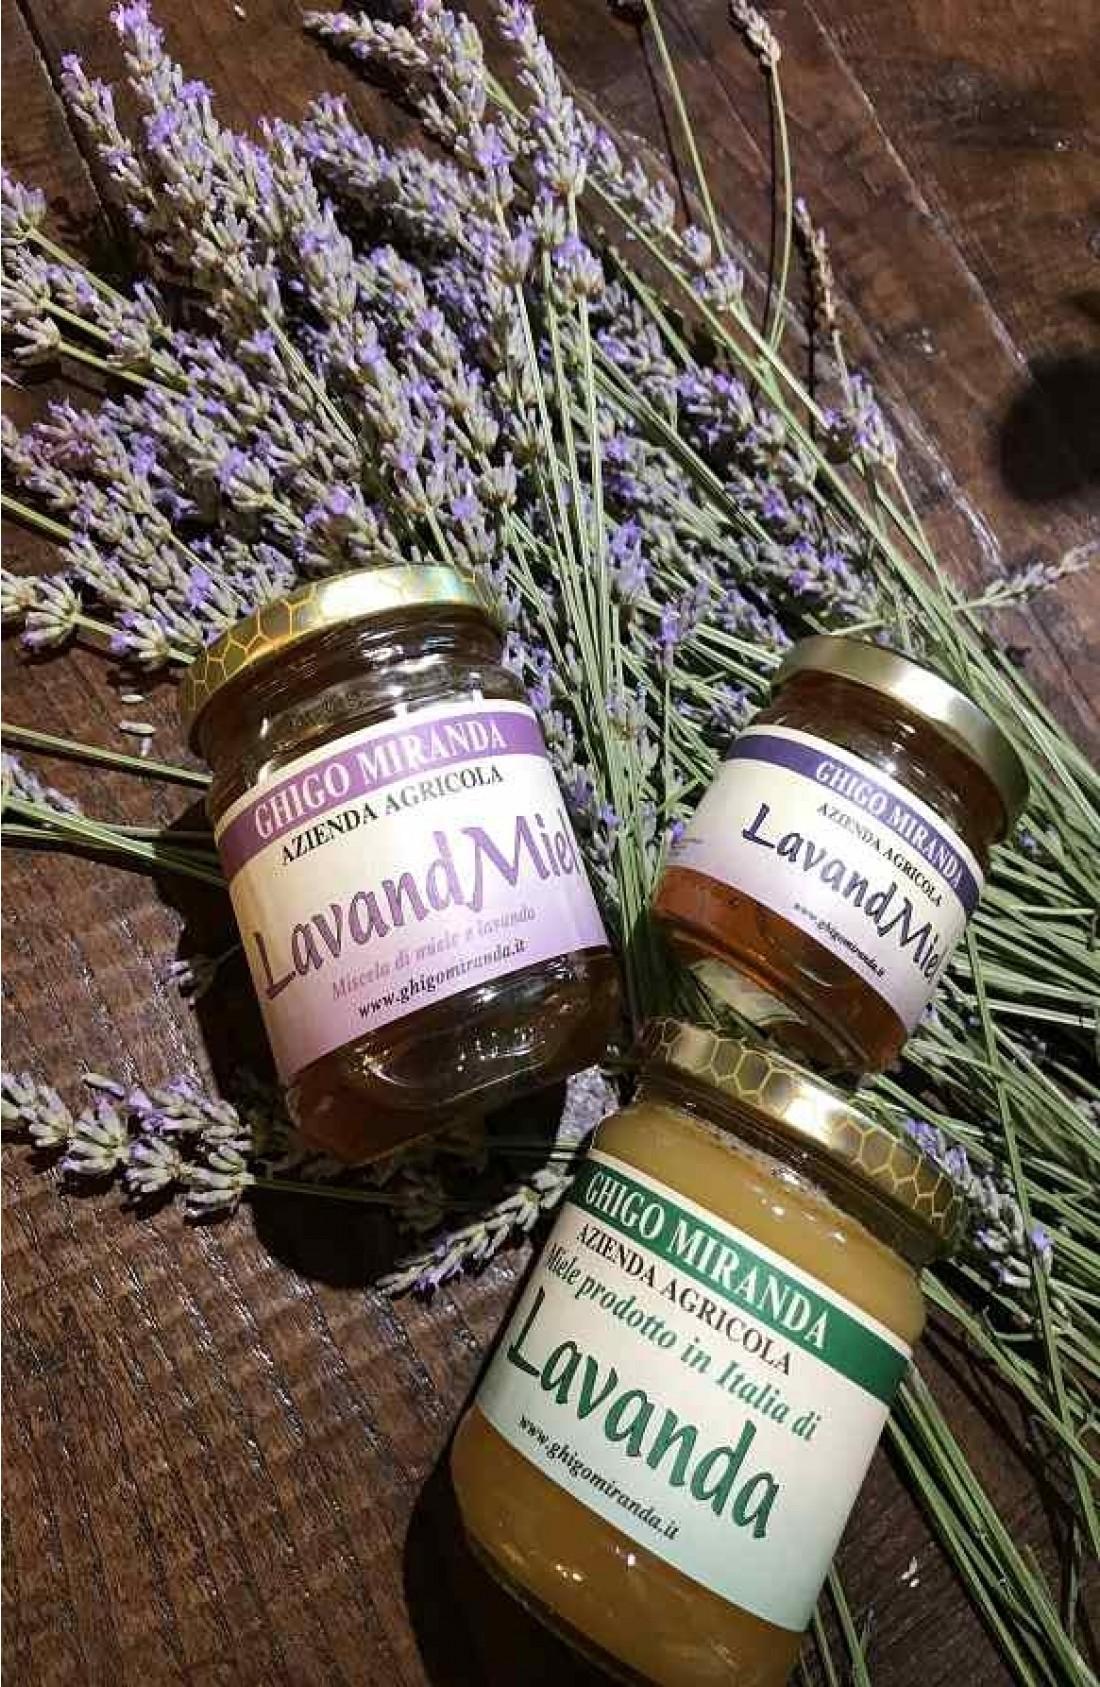 il lavand miel gruppo (1)